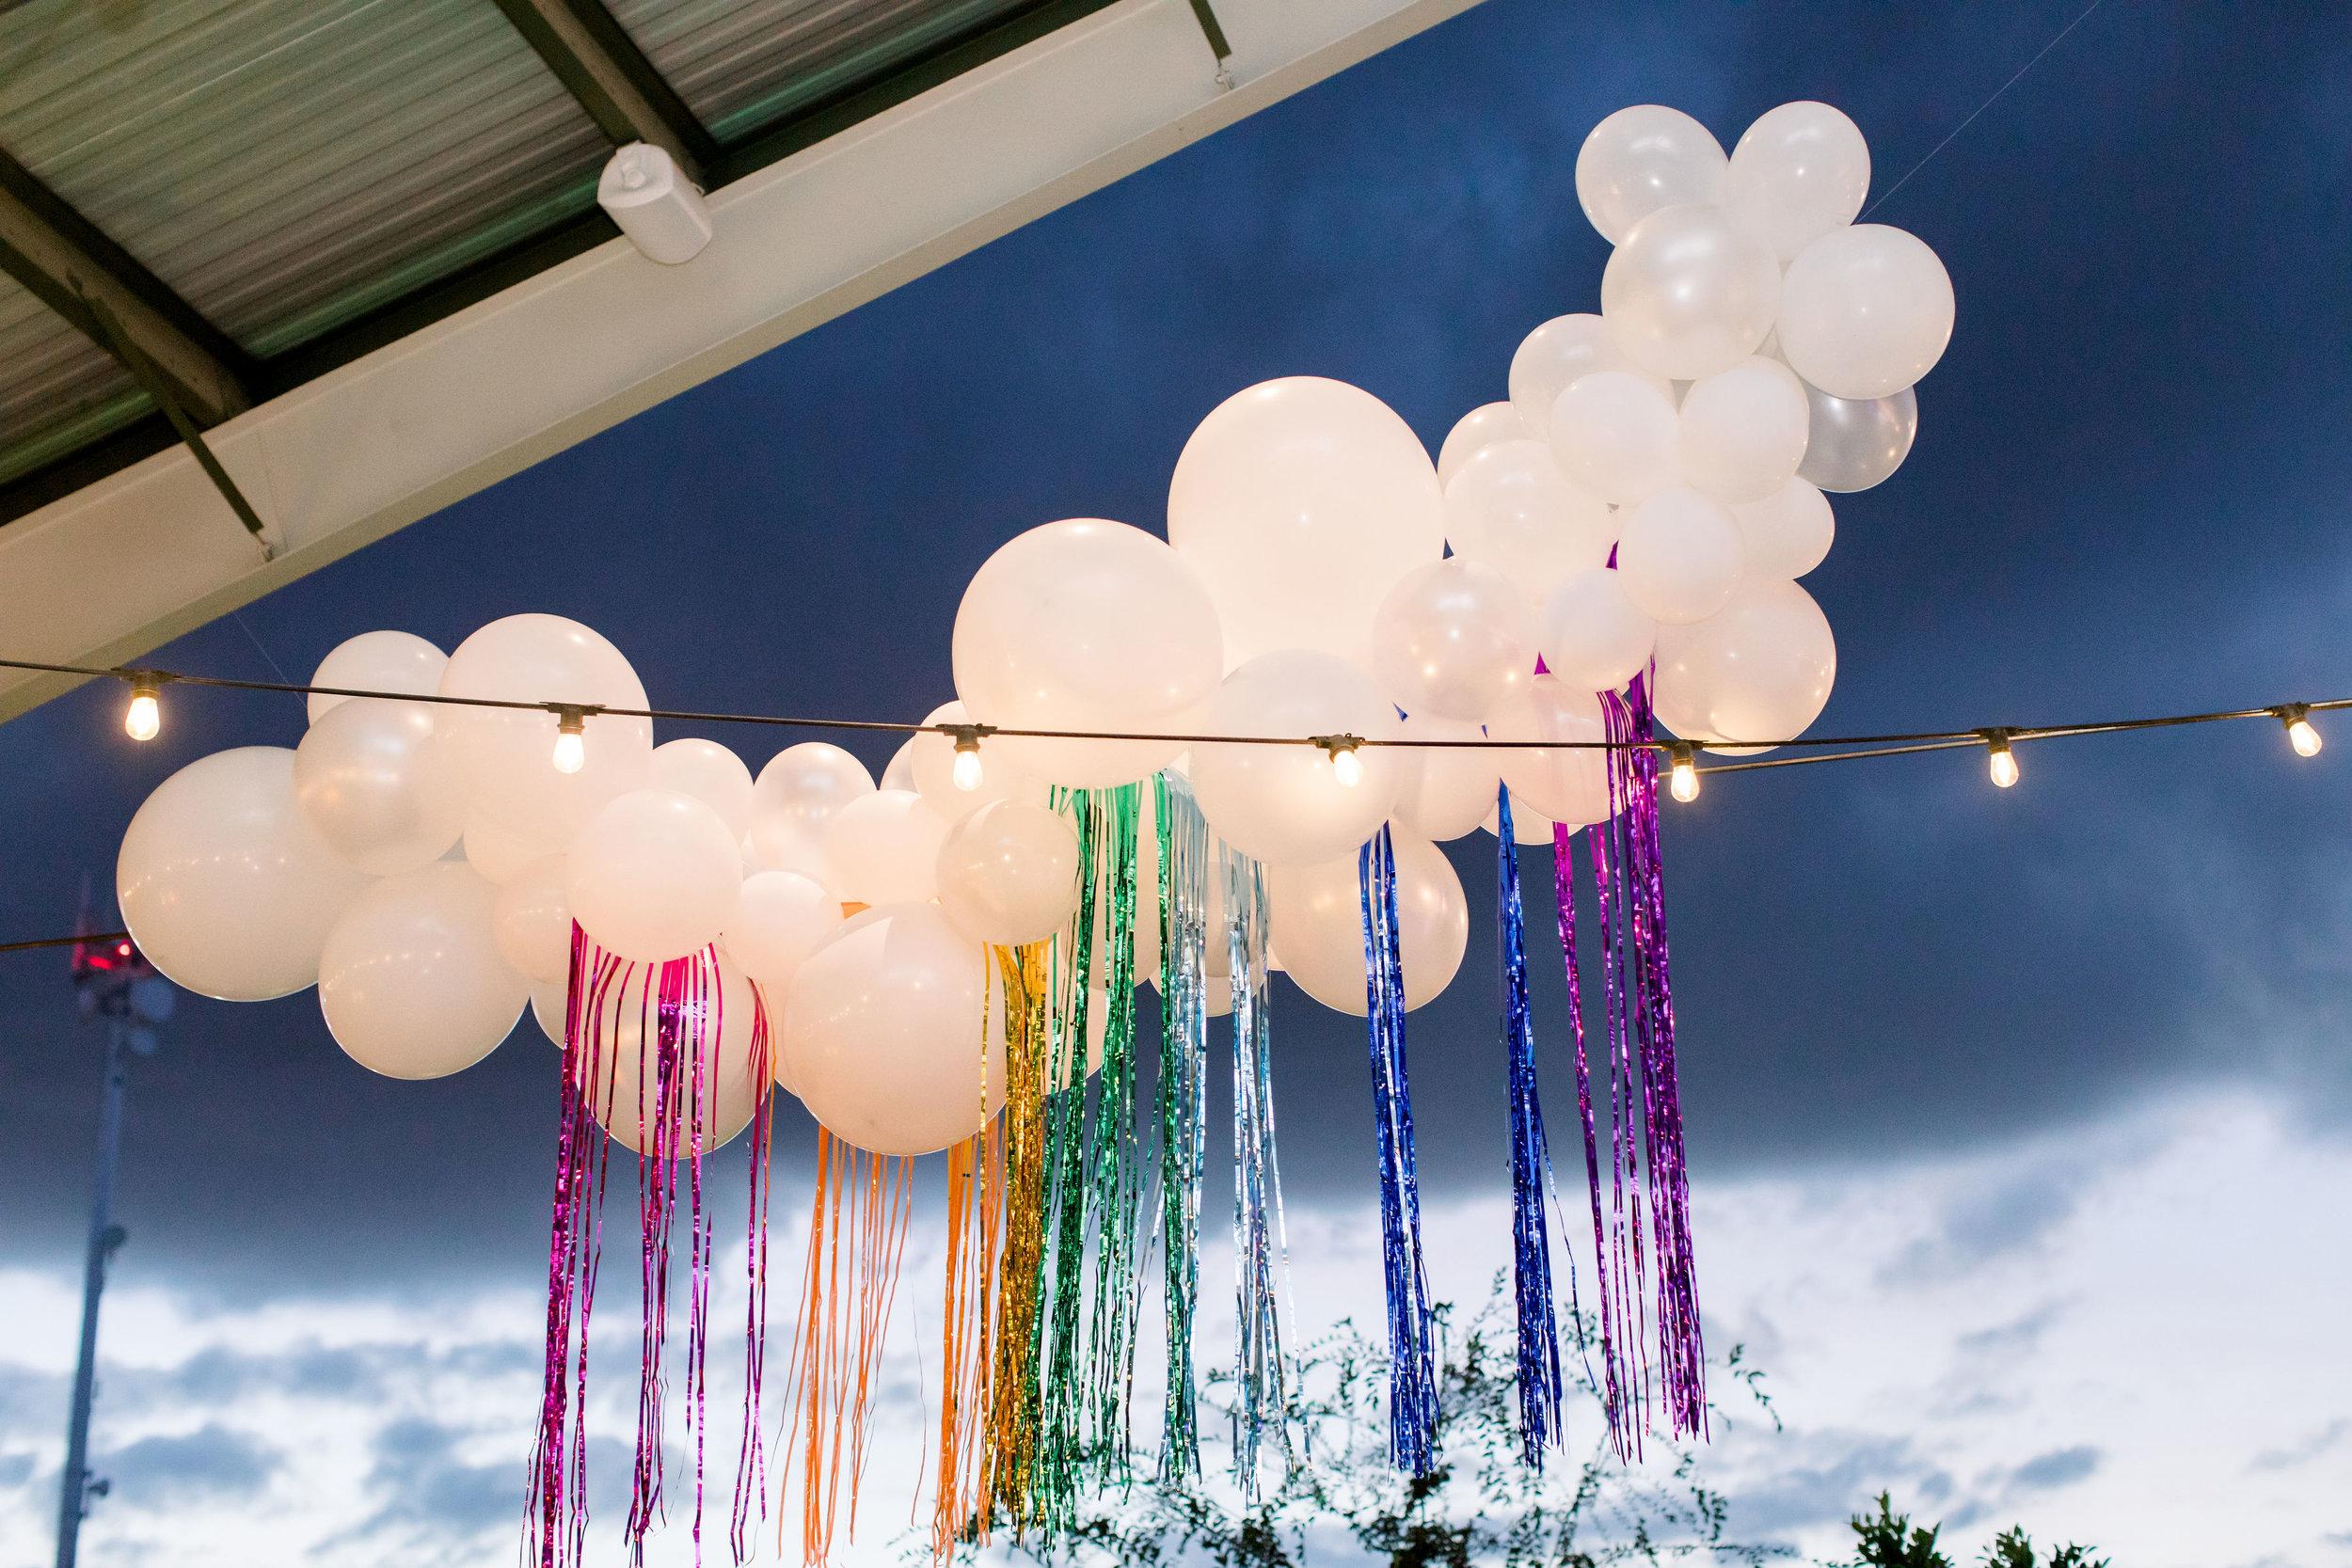 14 balloon clouds rainy sky rainbow streamers rainbow bat mitzvah party Life Design Events photos by Stephanie Heymann Photography.jpg